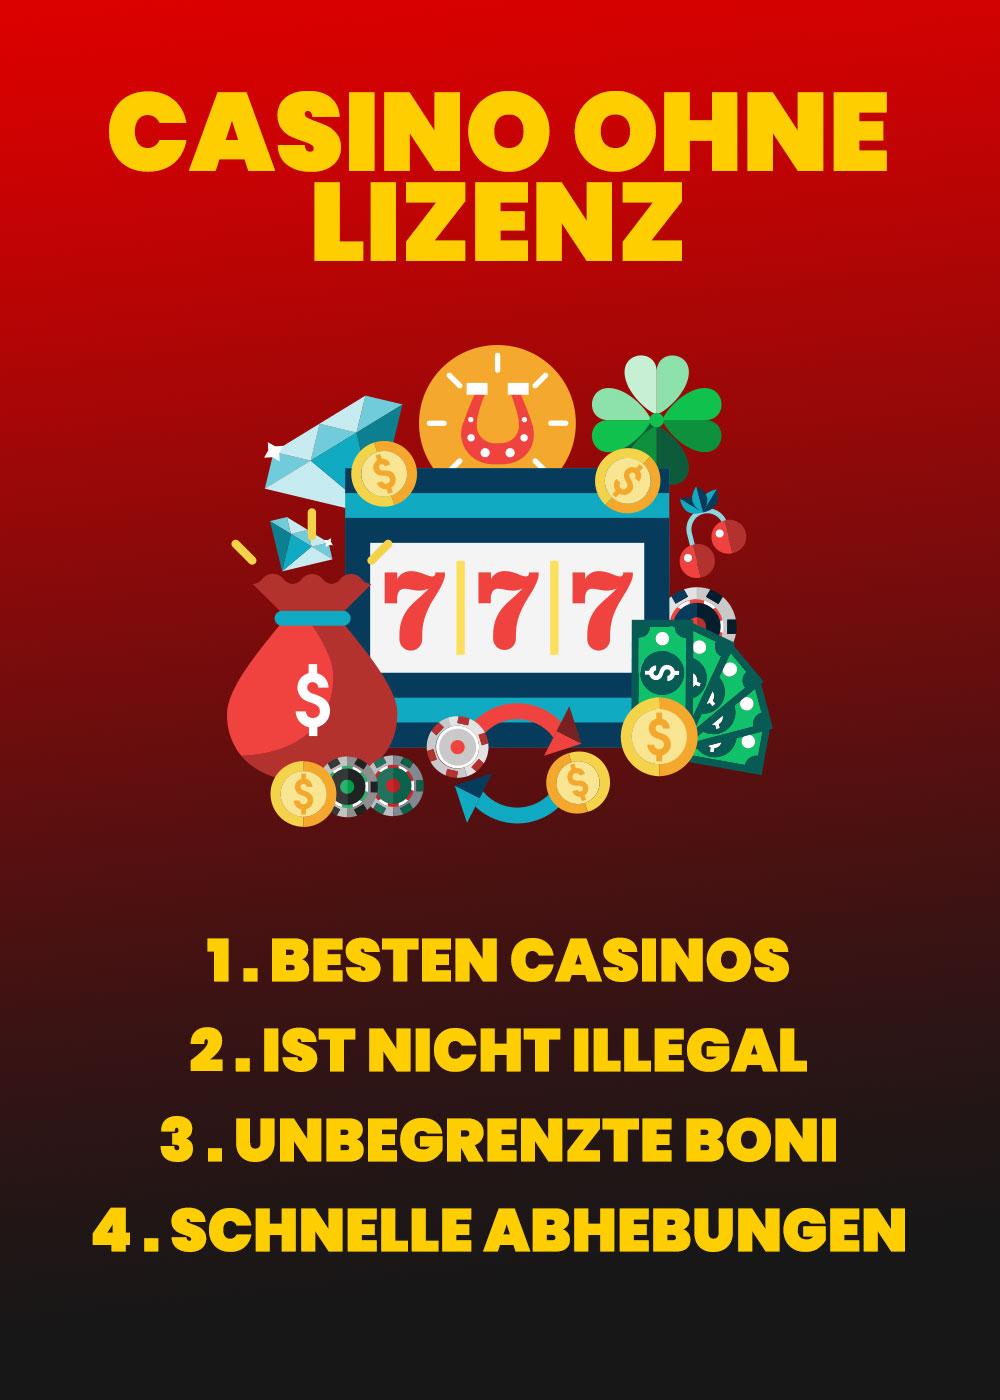 Casino ohne Lizenz 2020 - Nicht reguliertes Casino